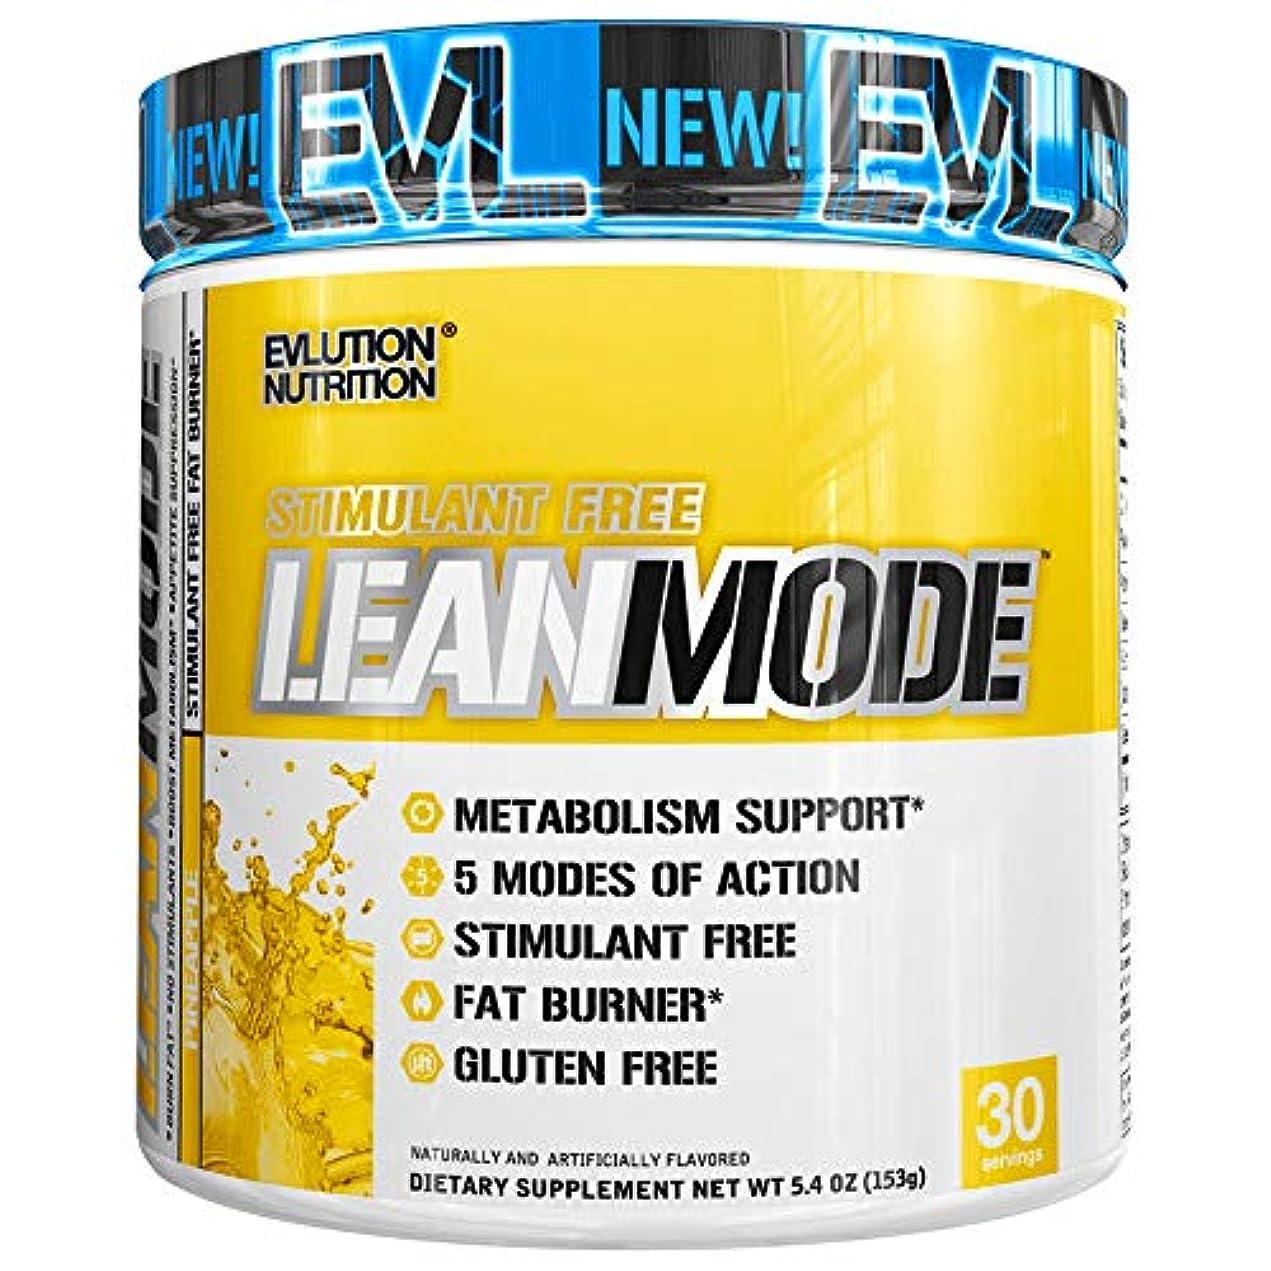 しなければならない罰裏切るLeanMode リーンモード パイナップル味 Evlution Nutrition(エボリューションニュートリション)30回分 153g[海外直送品]